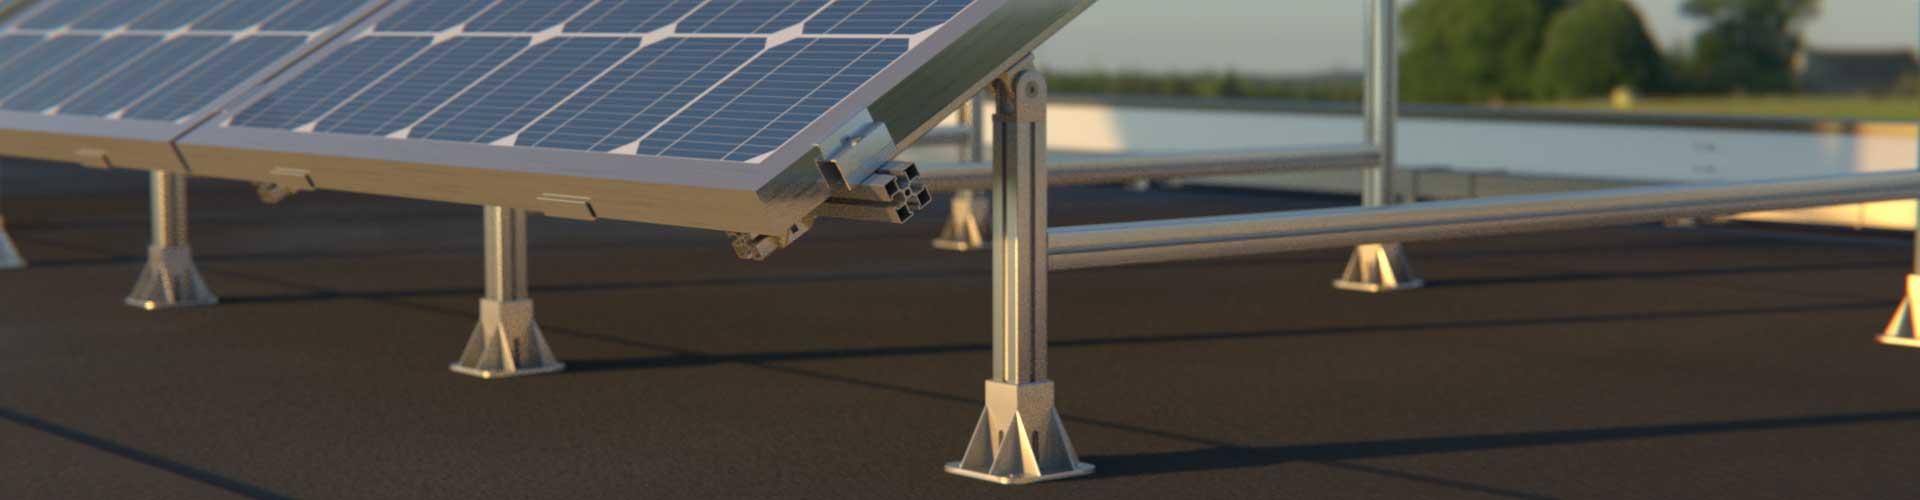 strutture_per_fotovoltaico_1